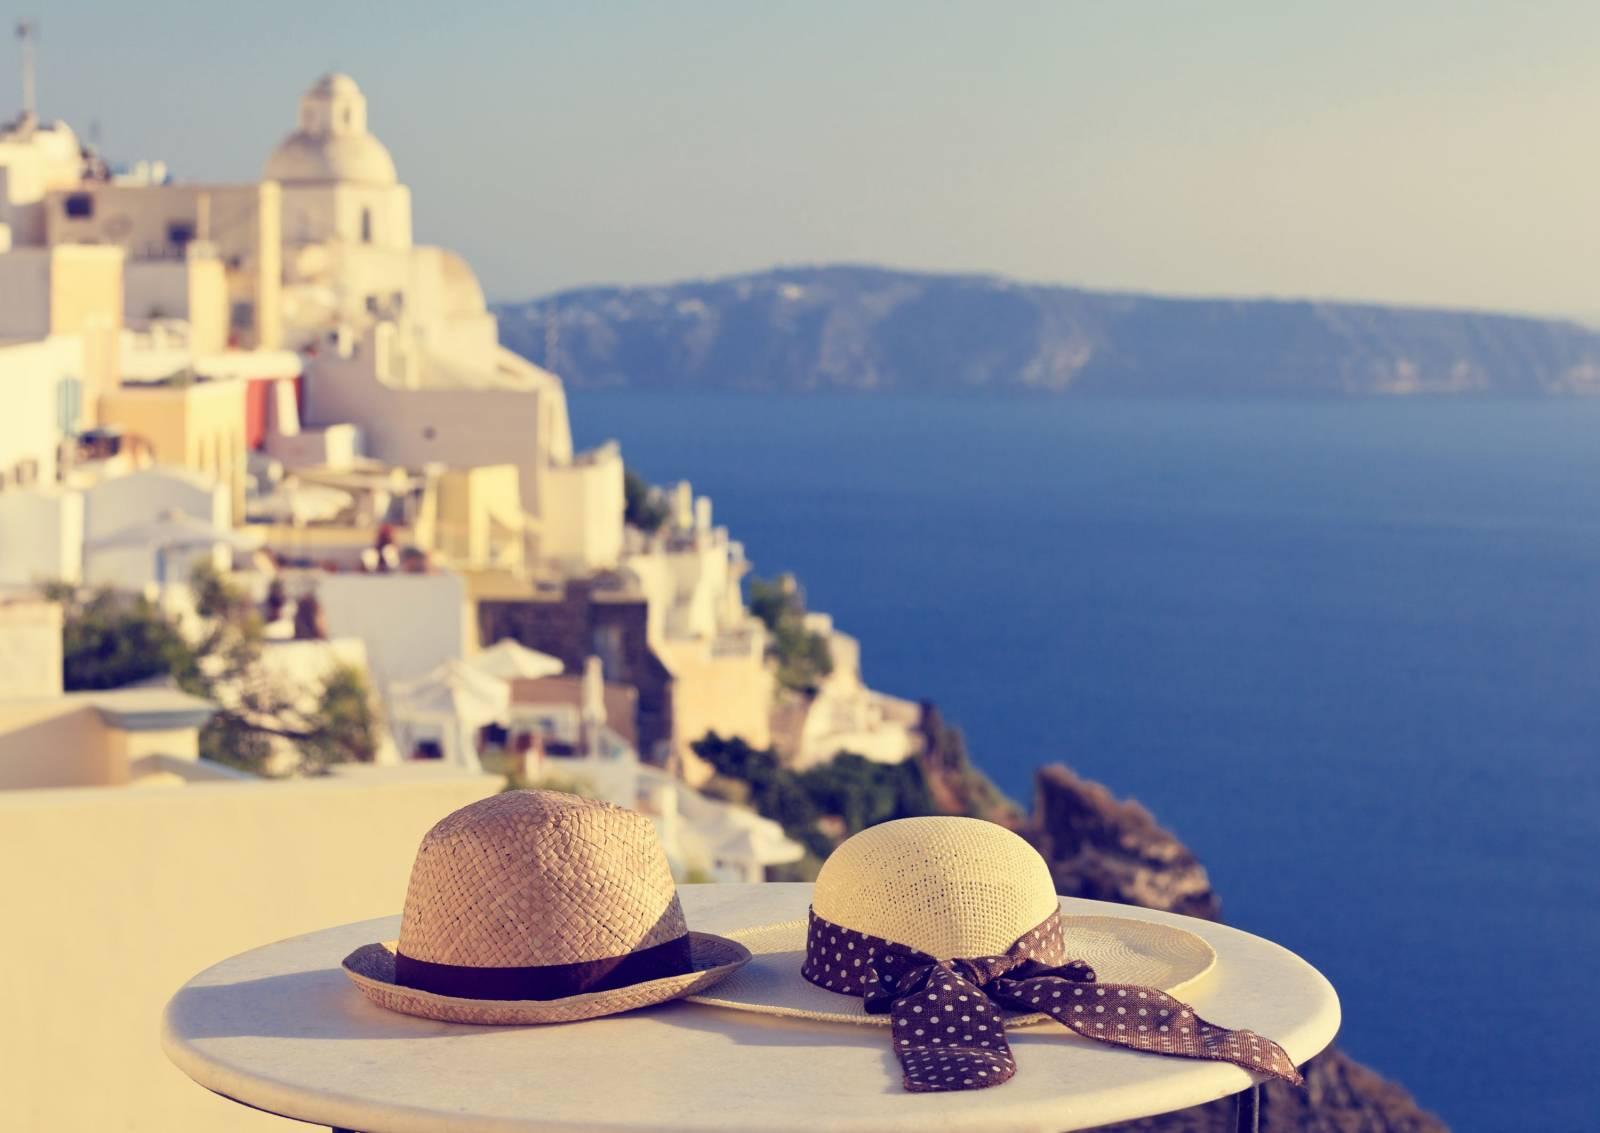 World of Travel - Huwelijksreis - Honeymoon - House of Weddings - 33